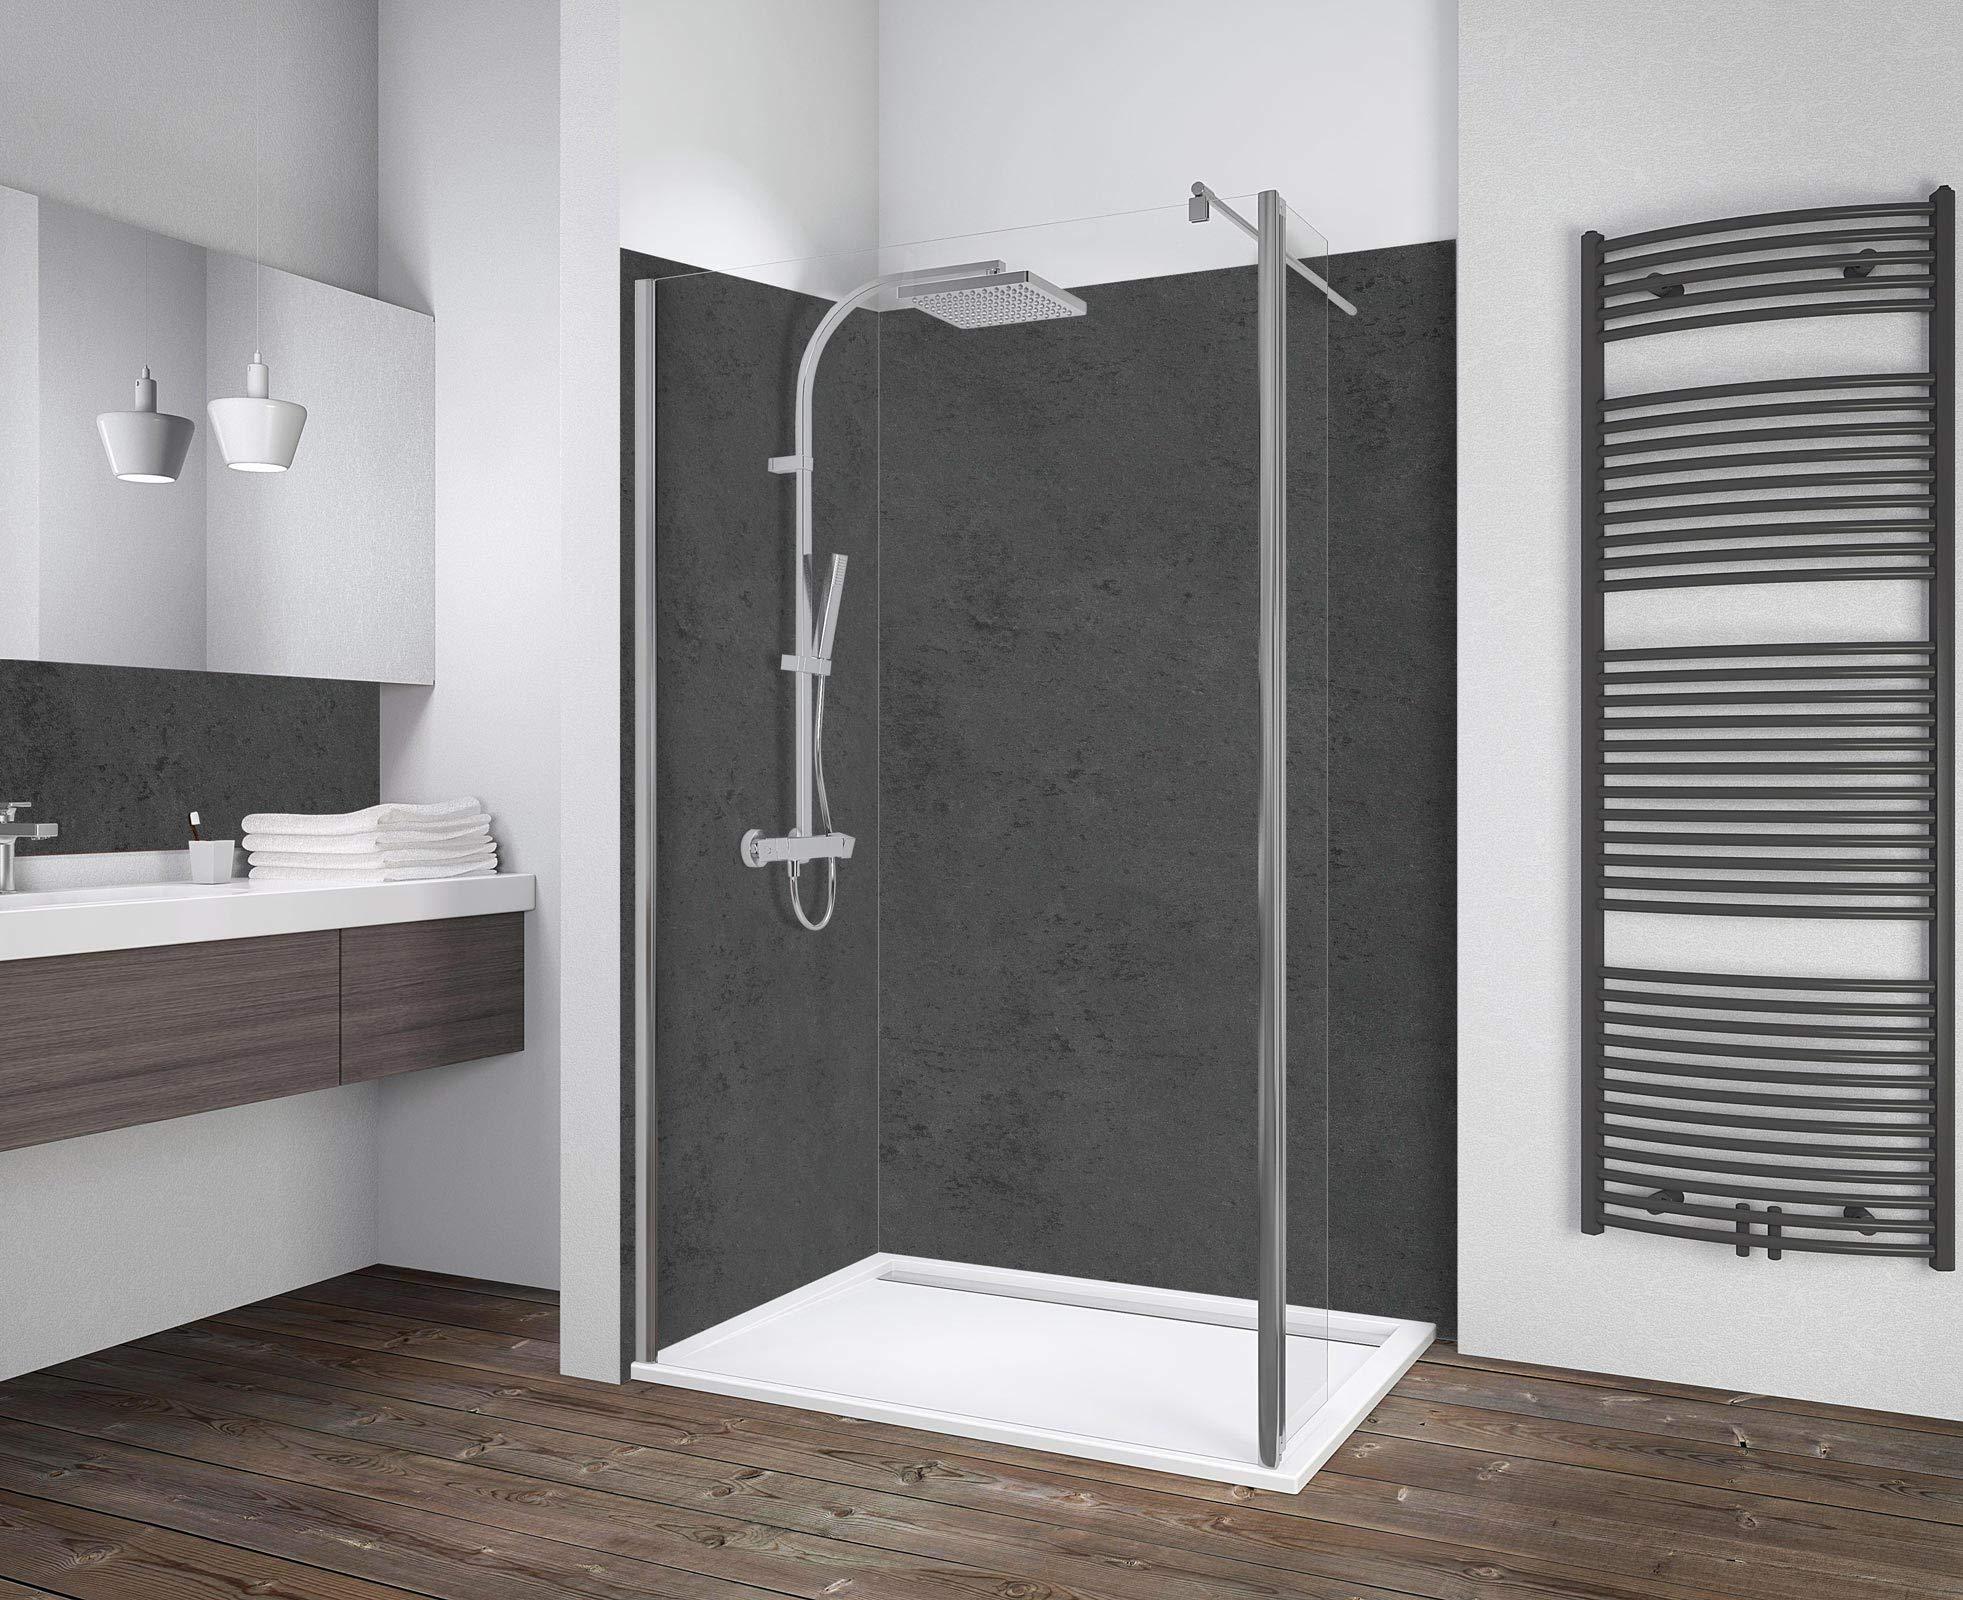 Schulte 100 x 190 cm Mampara de ducha con lateral móvil de 30 cm, Efecto cromado, Breite 100 cm: Amazon.es: Bricolaje y herramientas